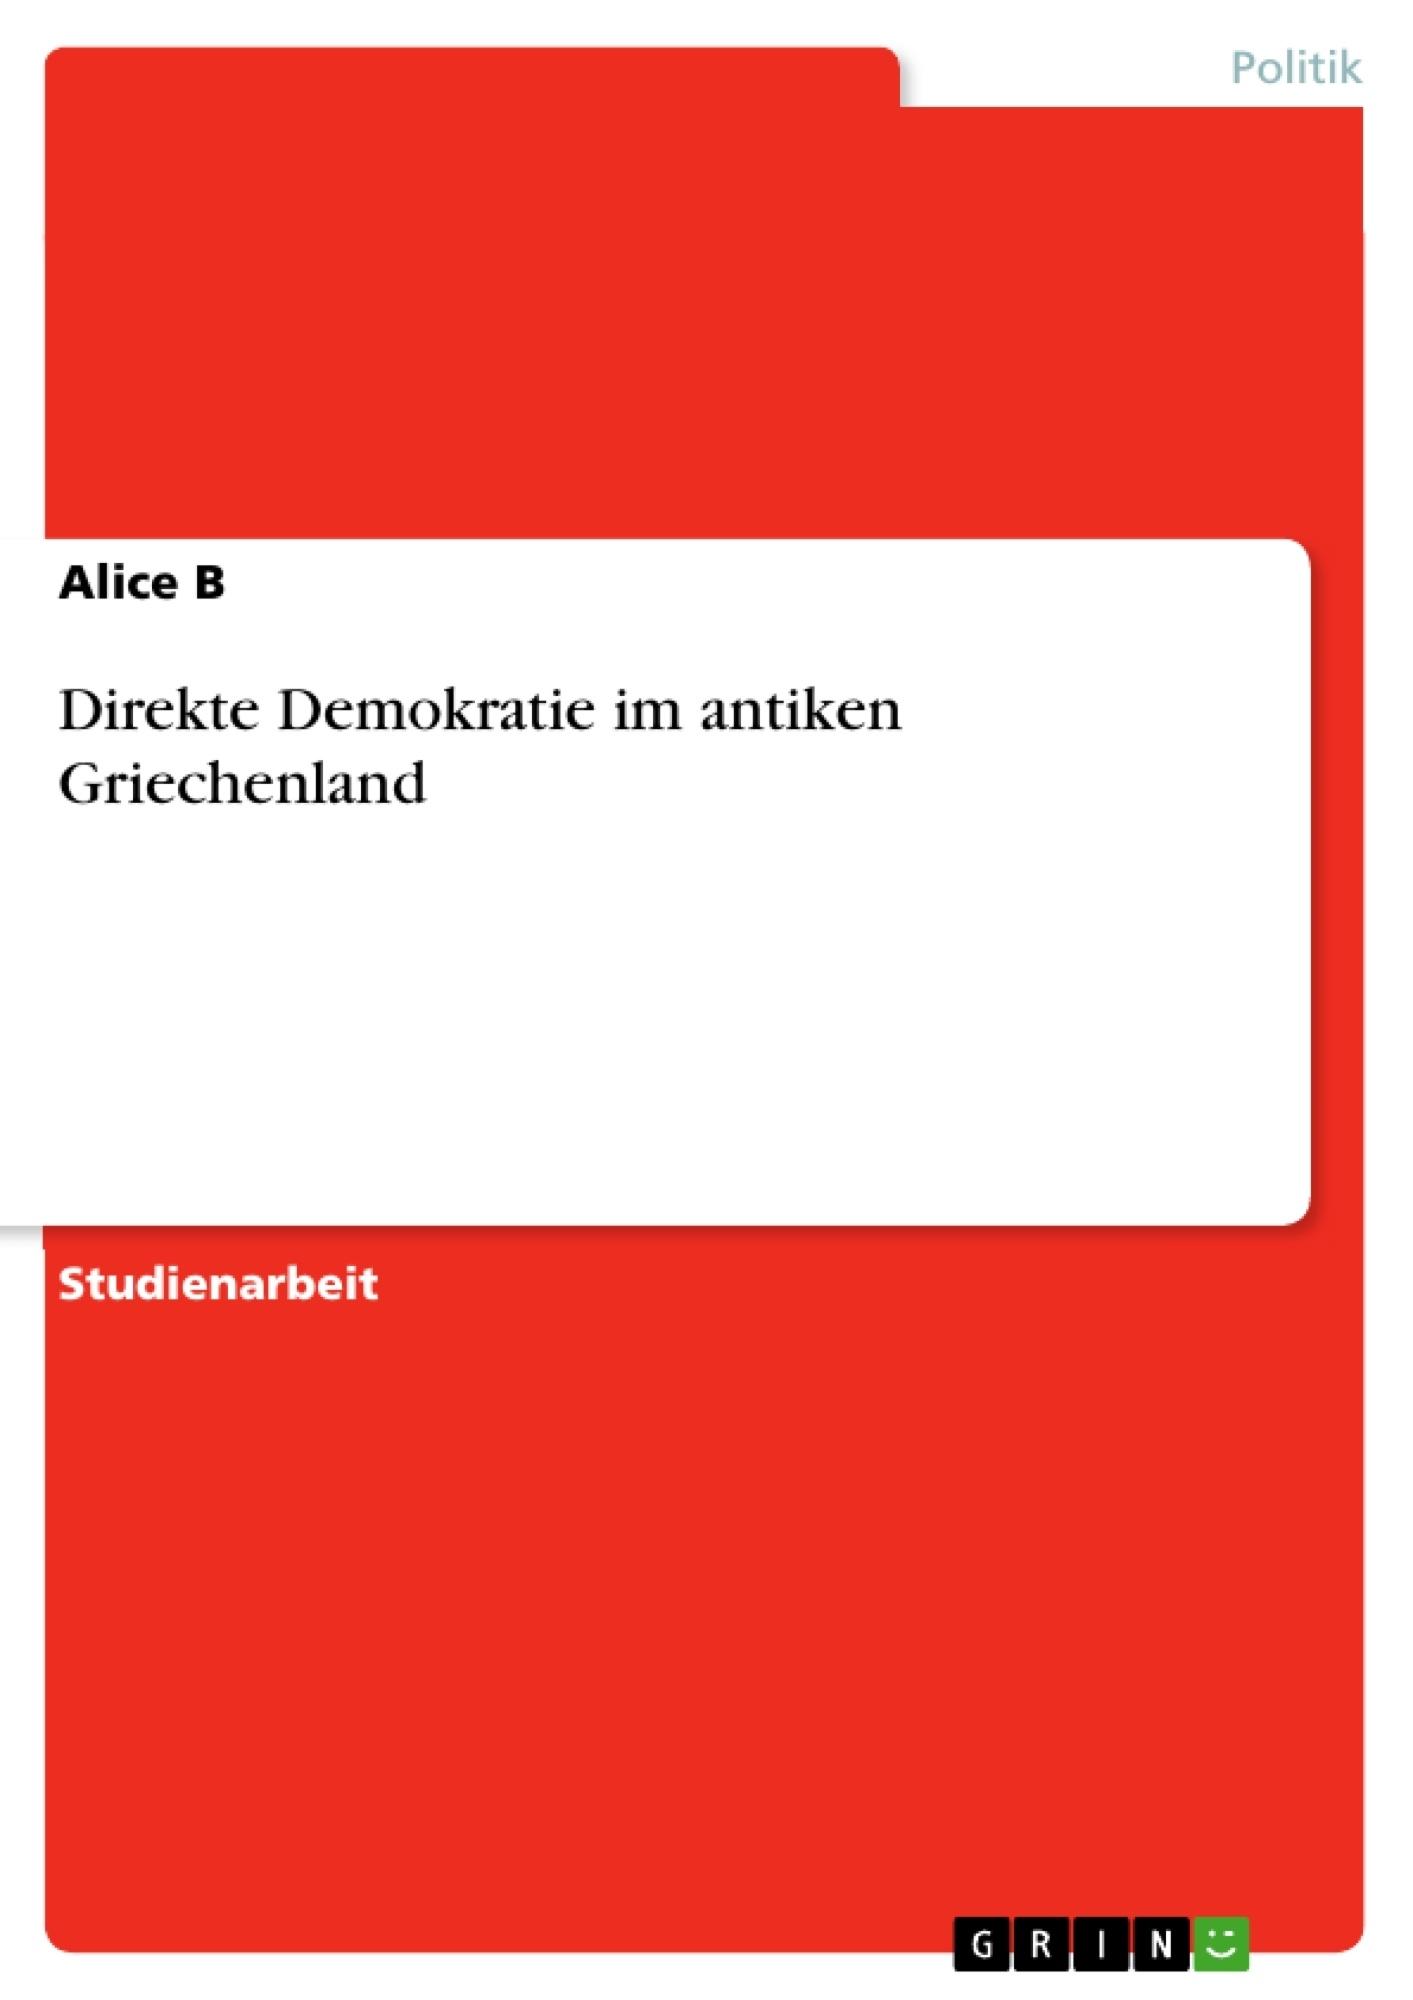 Titel: Direkte Demokratie im antiken Griechenland